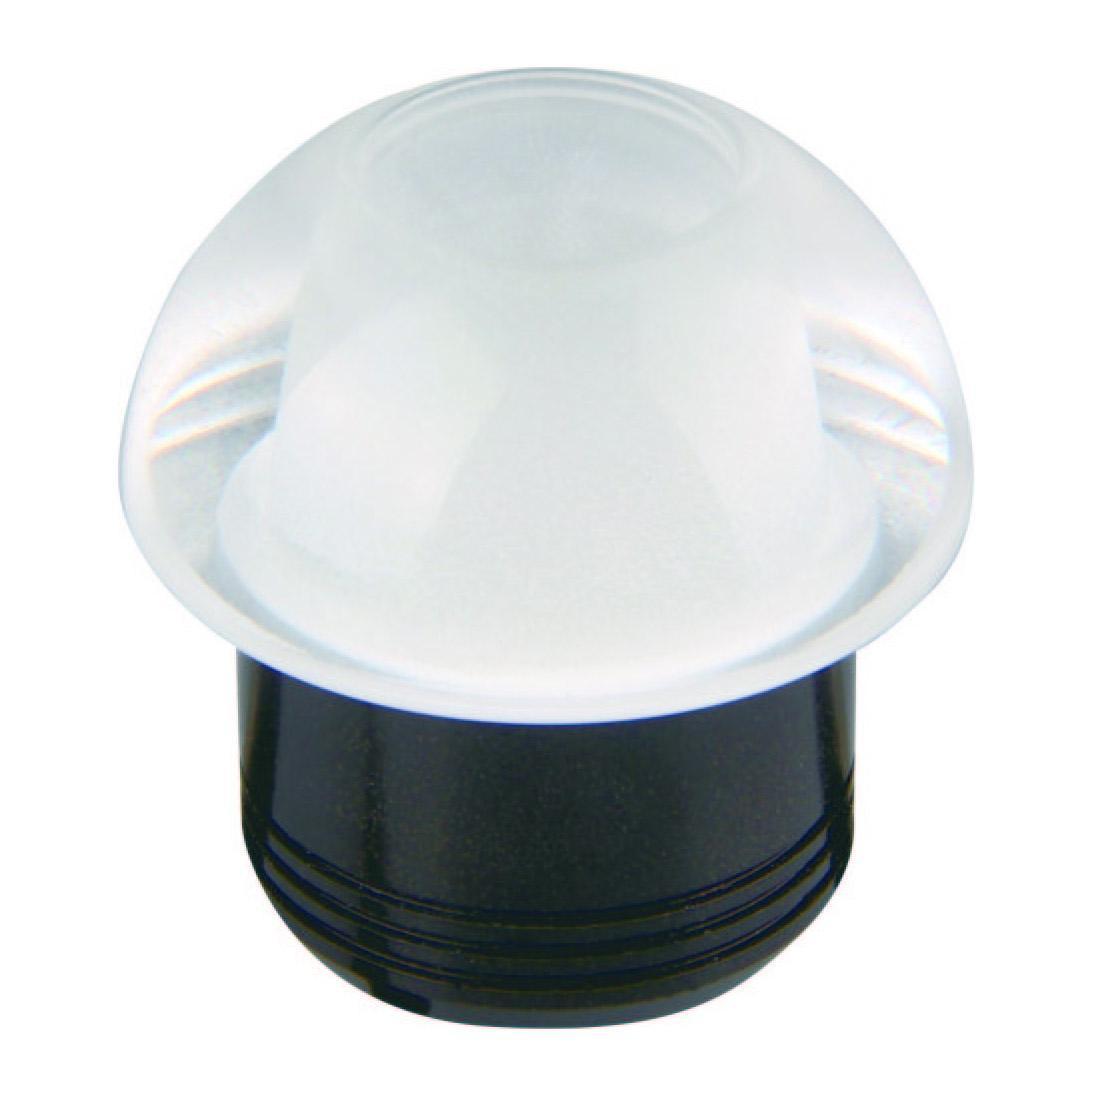 Встраиваемый светодиодный светильник Horoz Lisa 016-031-0003